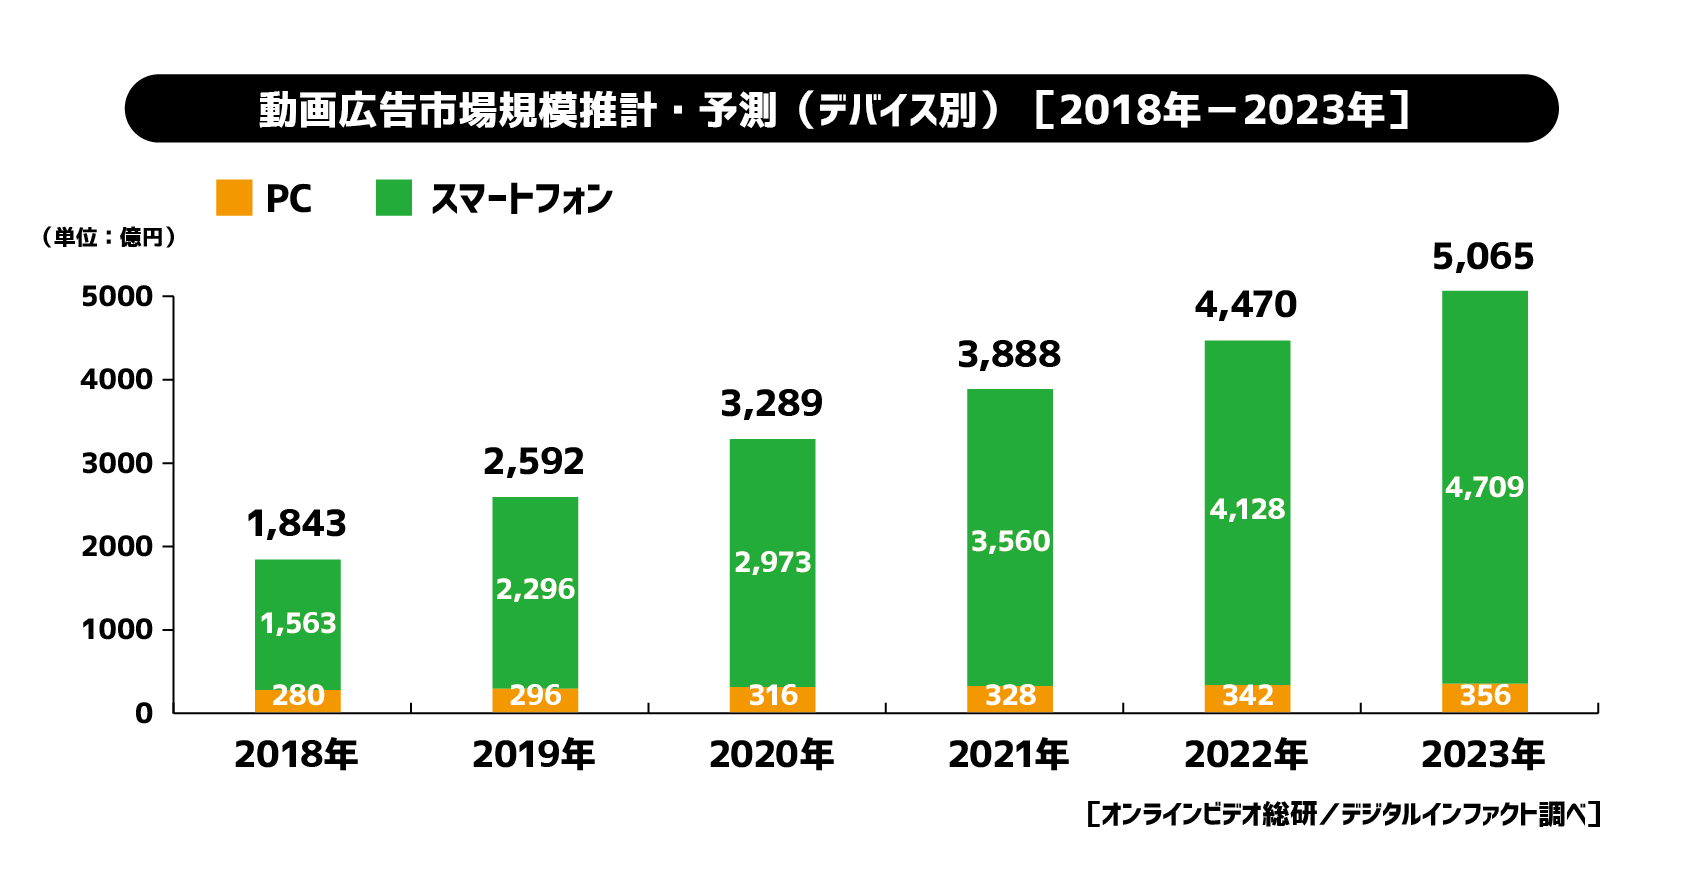 動画広告市場の予測2018-2023(サイバーエージェントHPより)